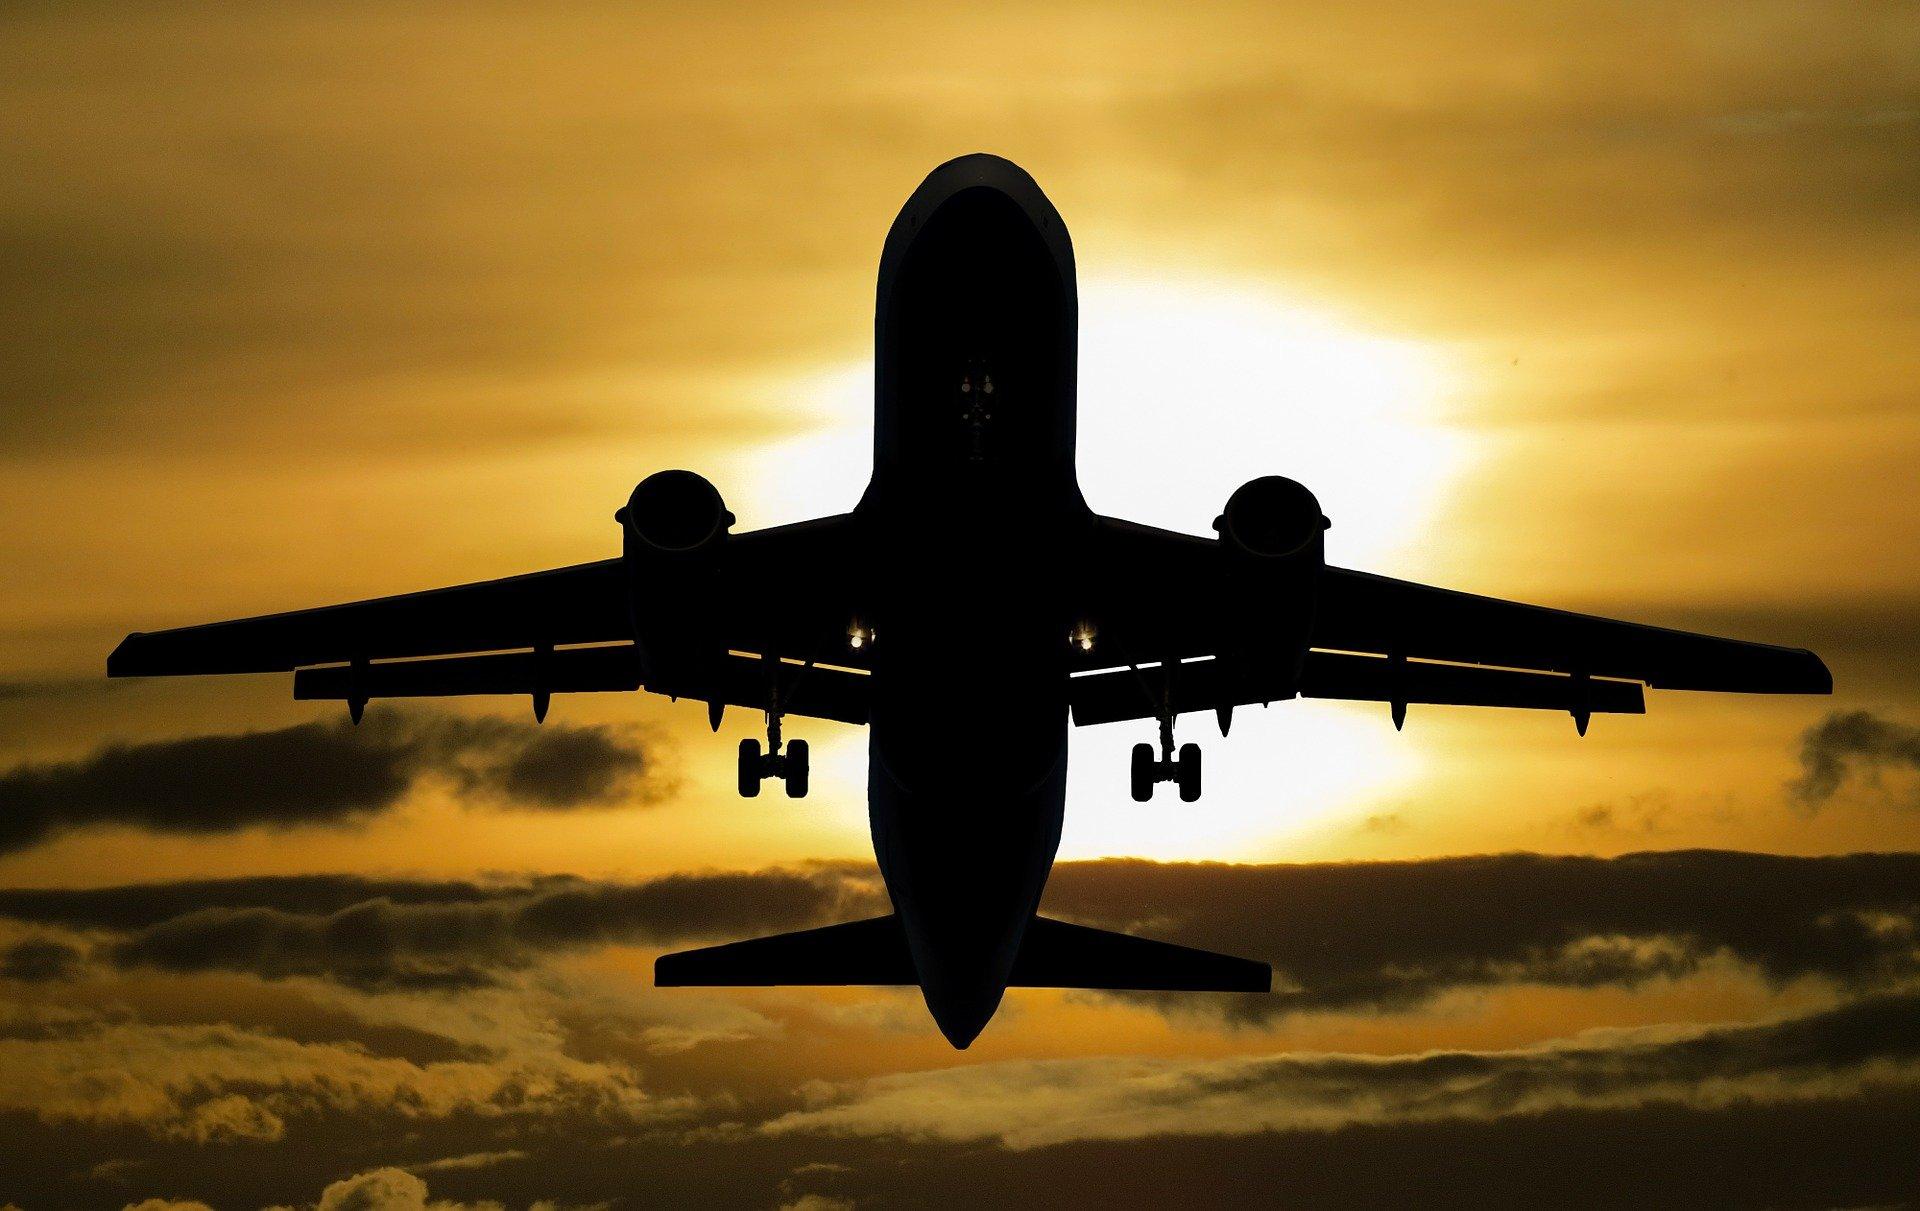 Foto de um avião contra o sol em um céu amarelado. imagem ilustrativa para texto seguro de viagem internacional.